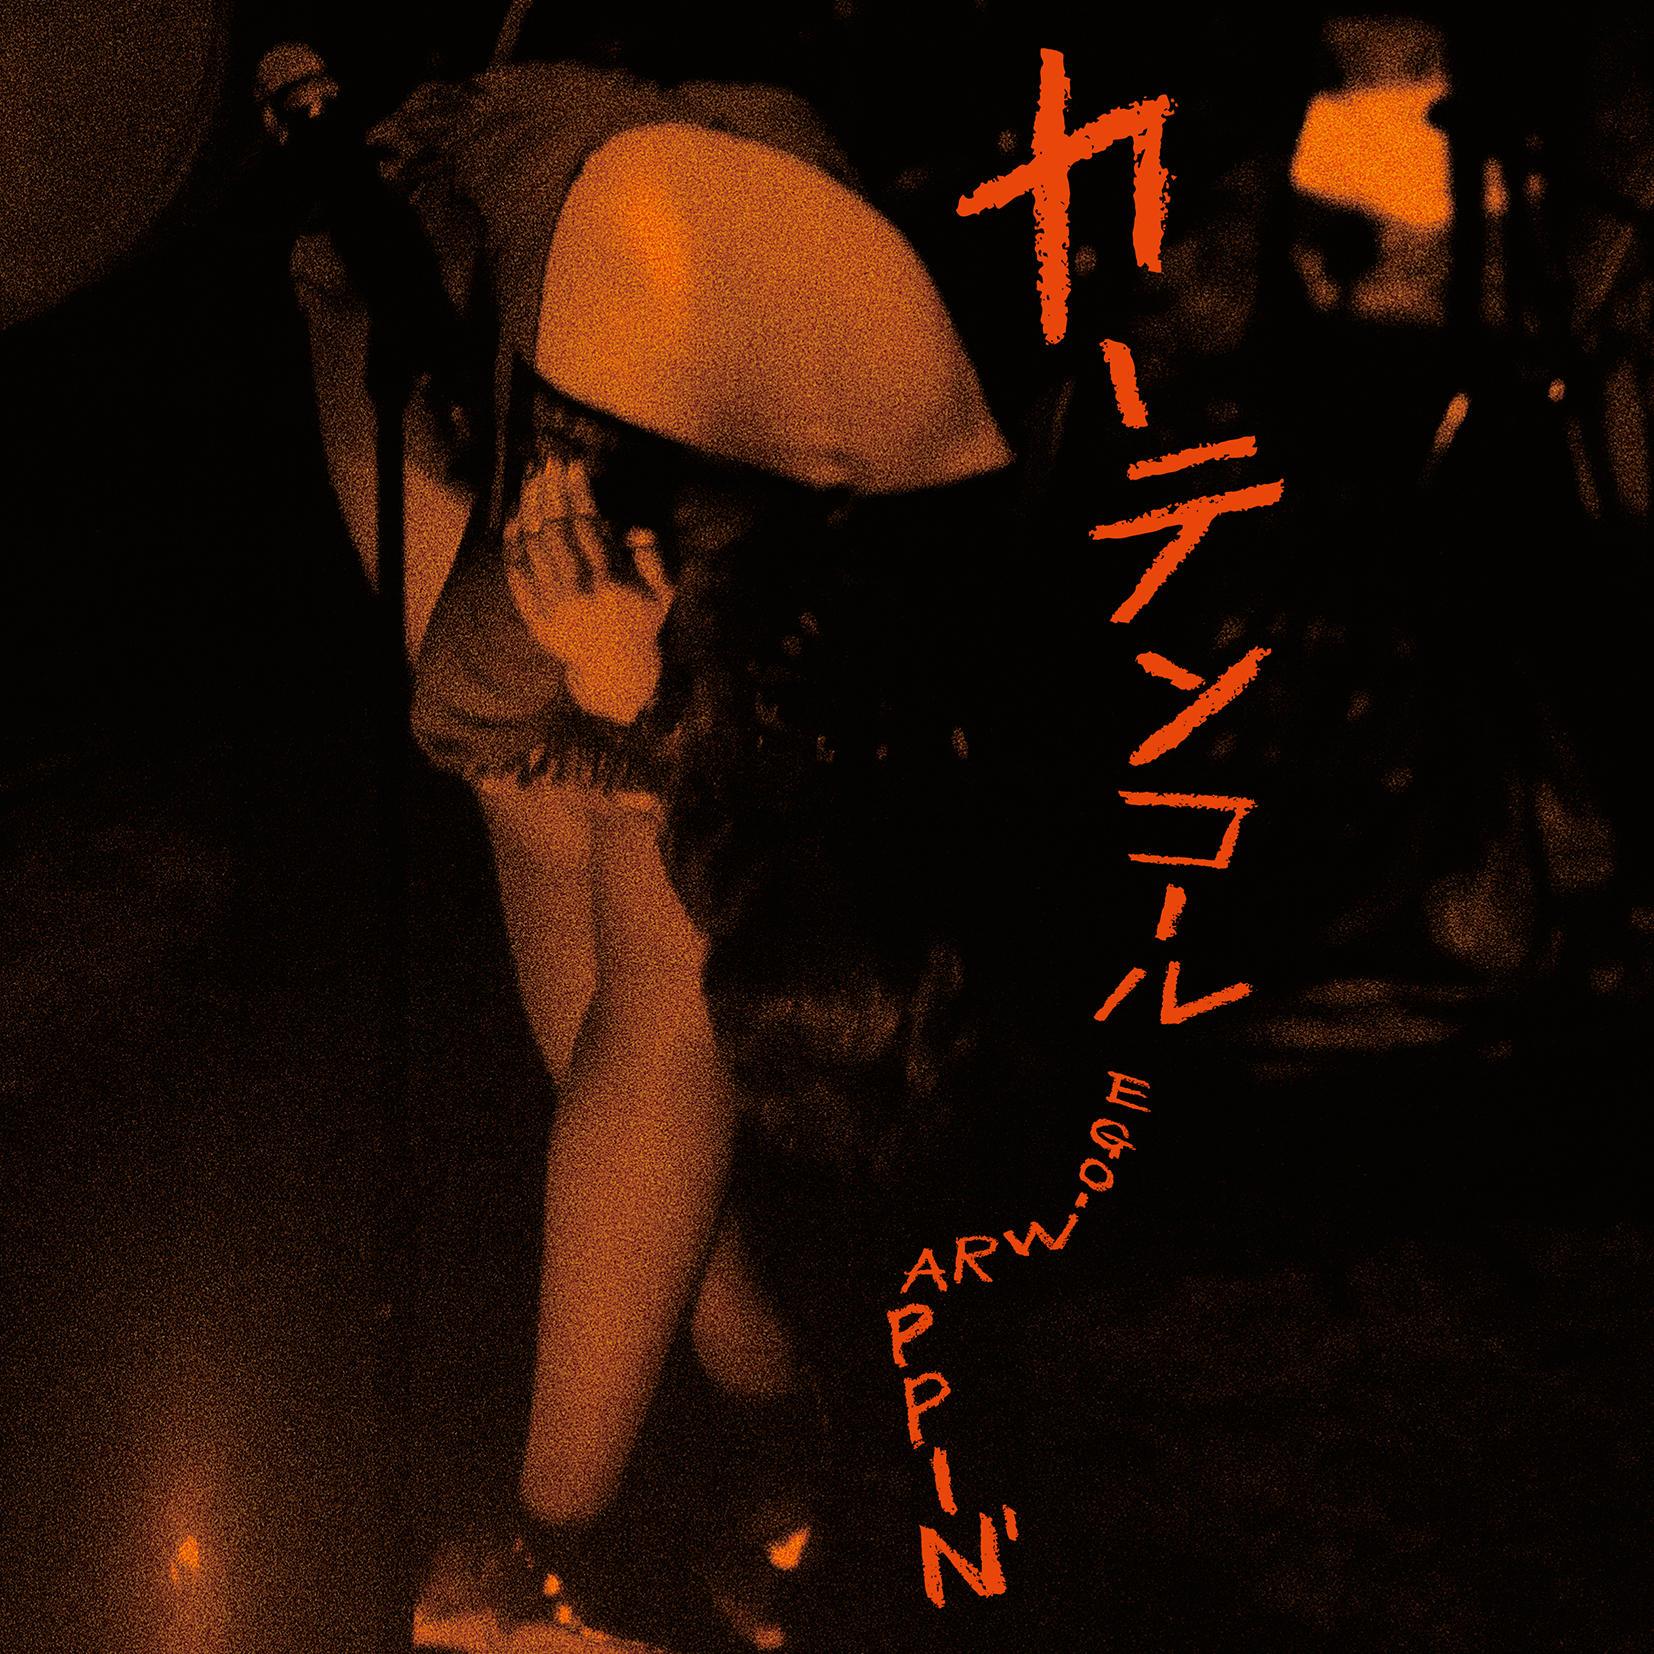 カーテンコール(7inch Vinyl)